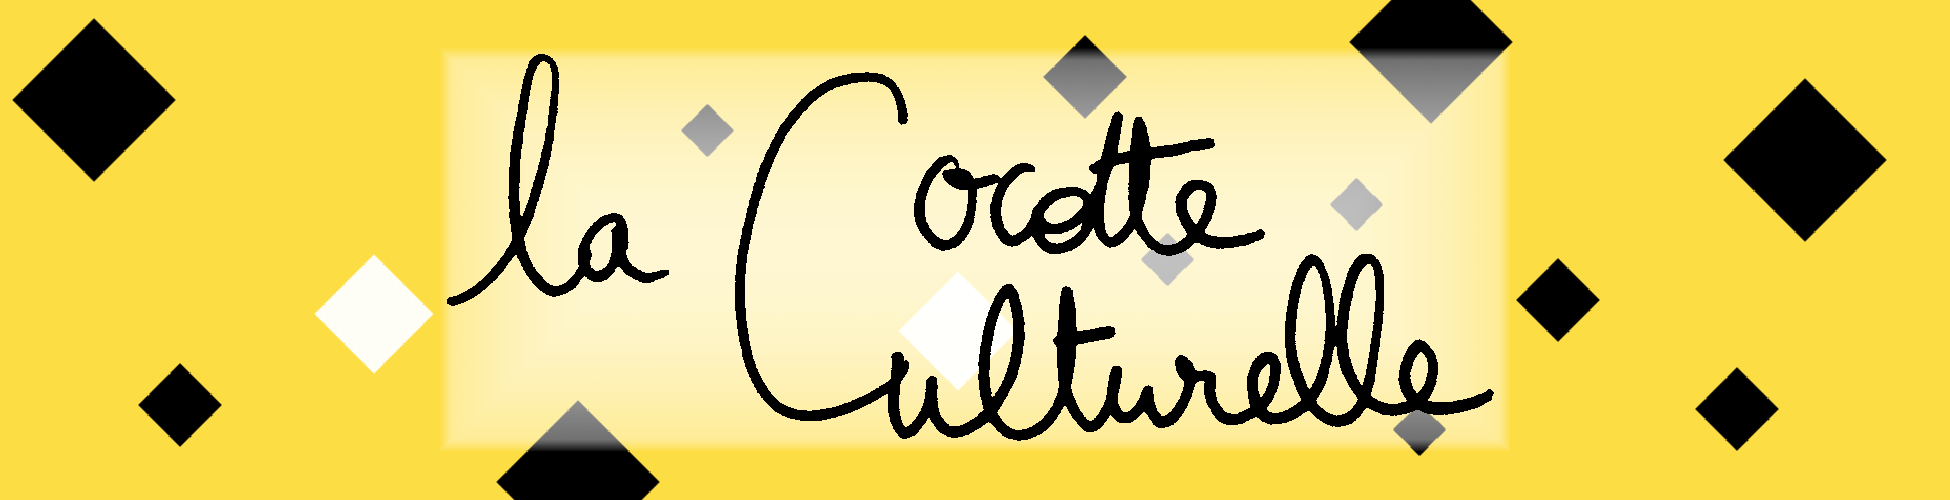 Cocotte Culturelle Brest - Jaune_header_article